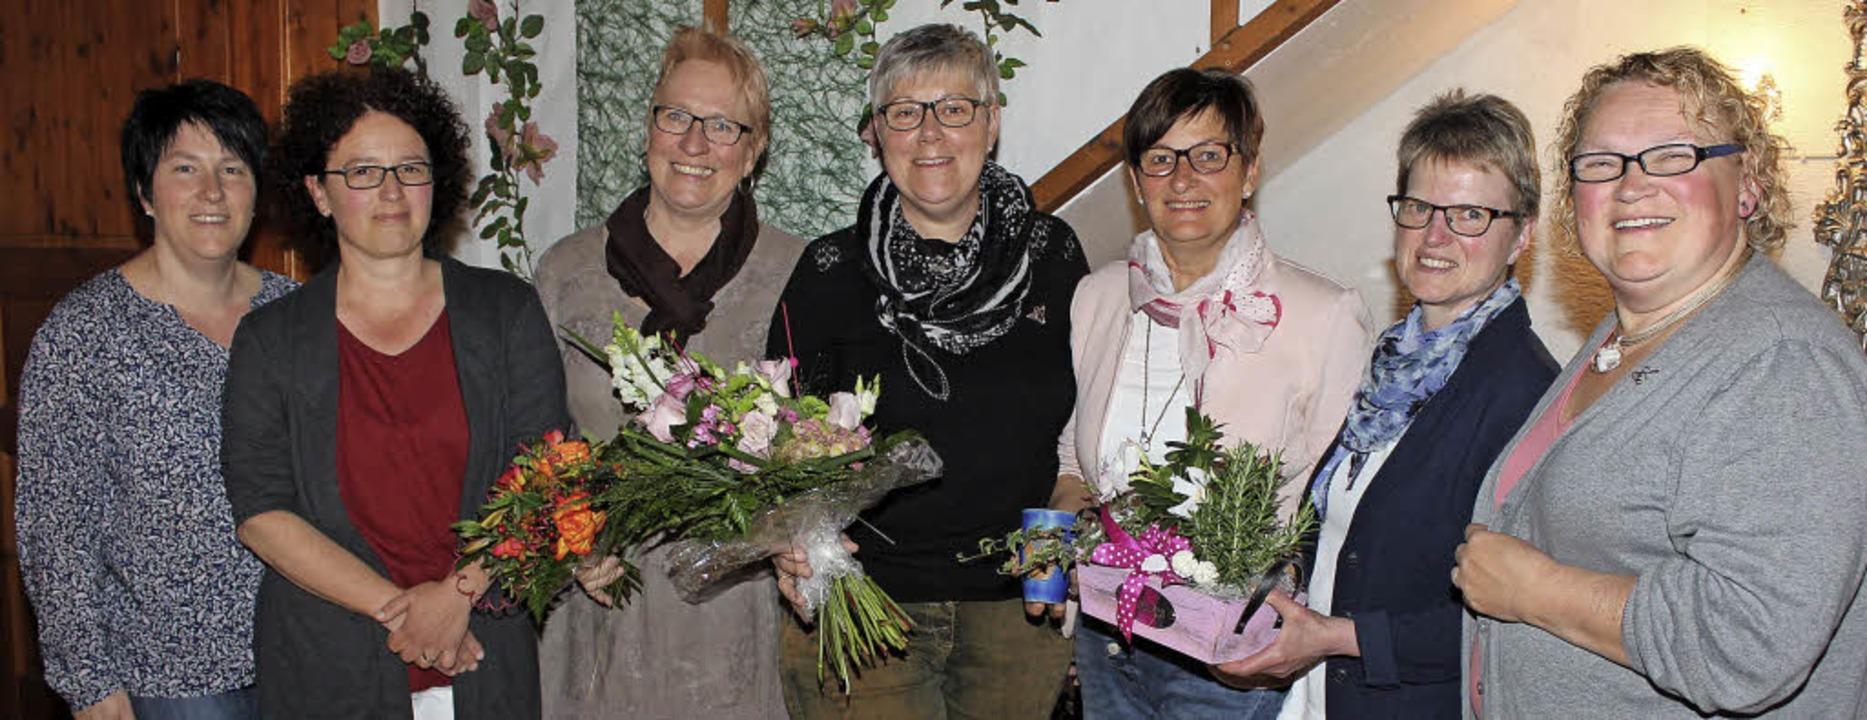 Ilona Schächtele, im Vorstand für Vera...hnurr und  Sabine Wirth (von rechts).   | Foto: Mario Schöneberg